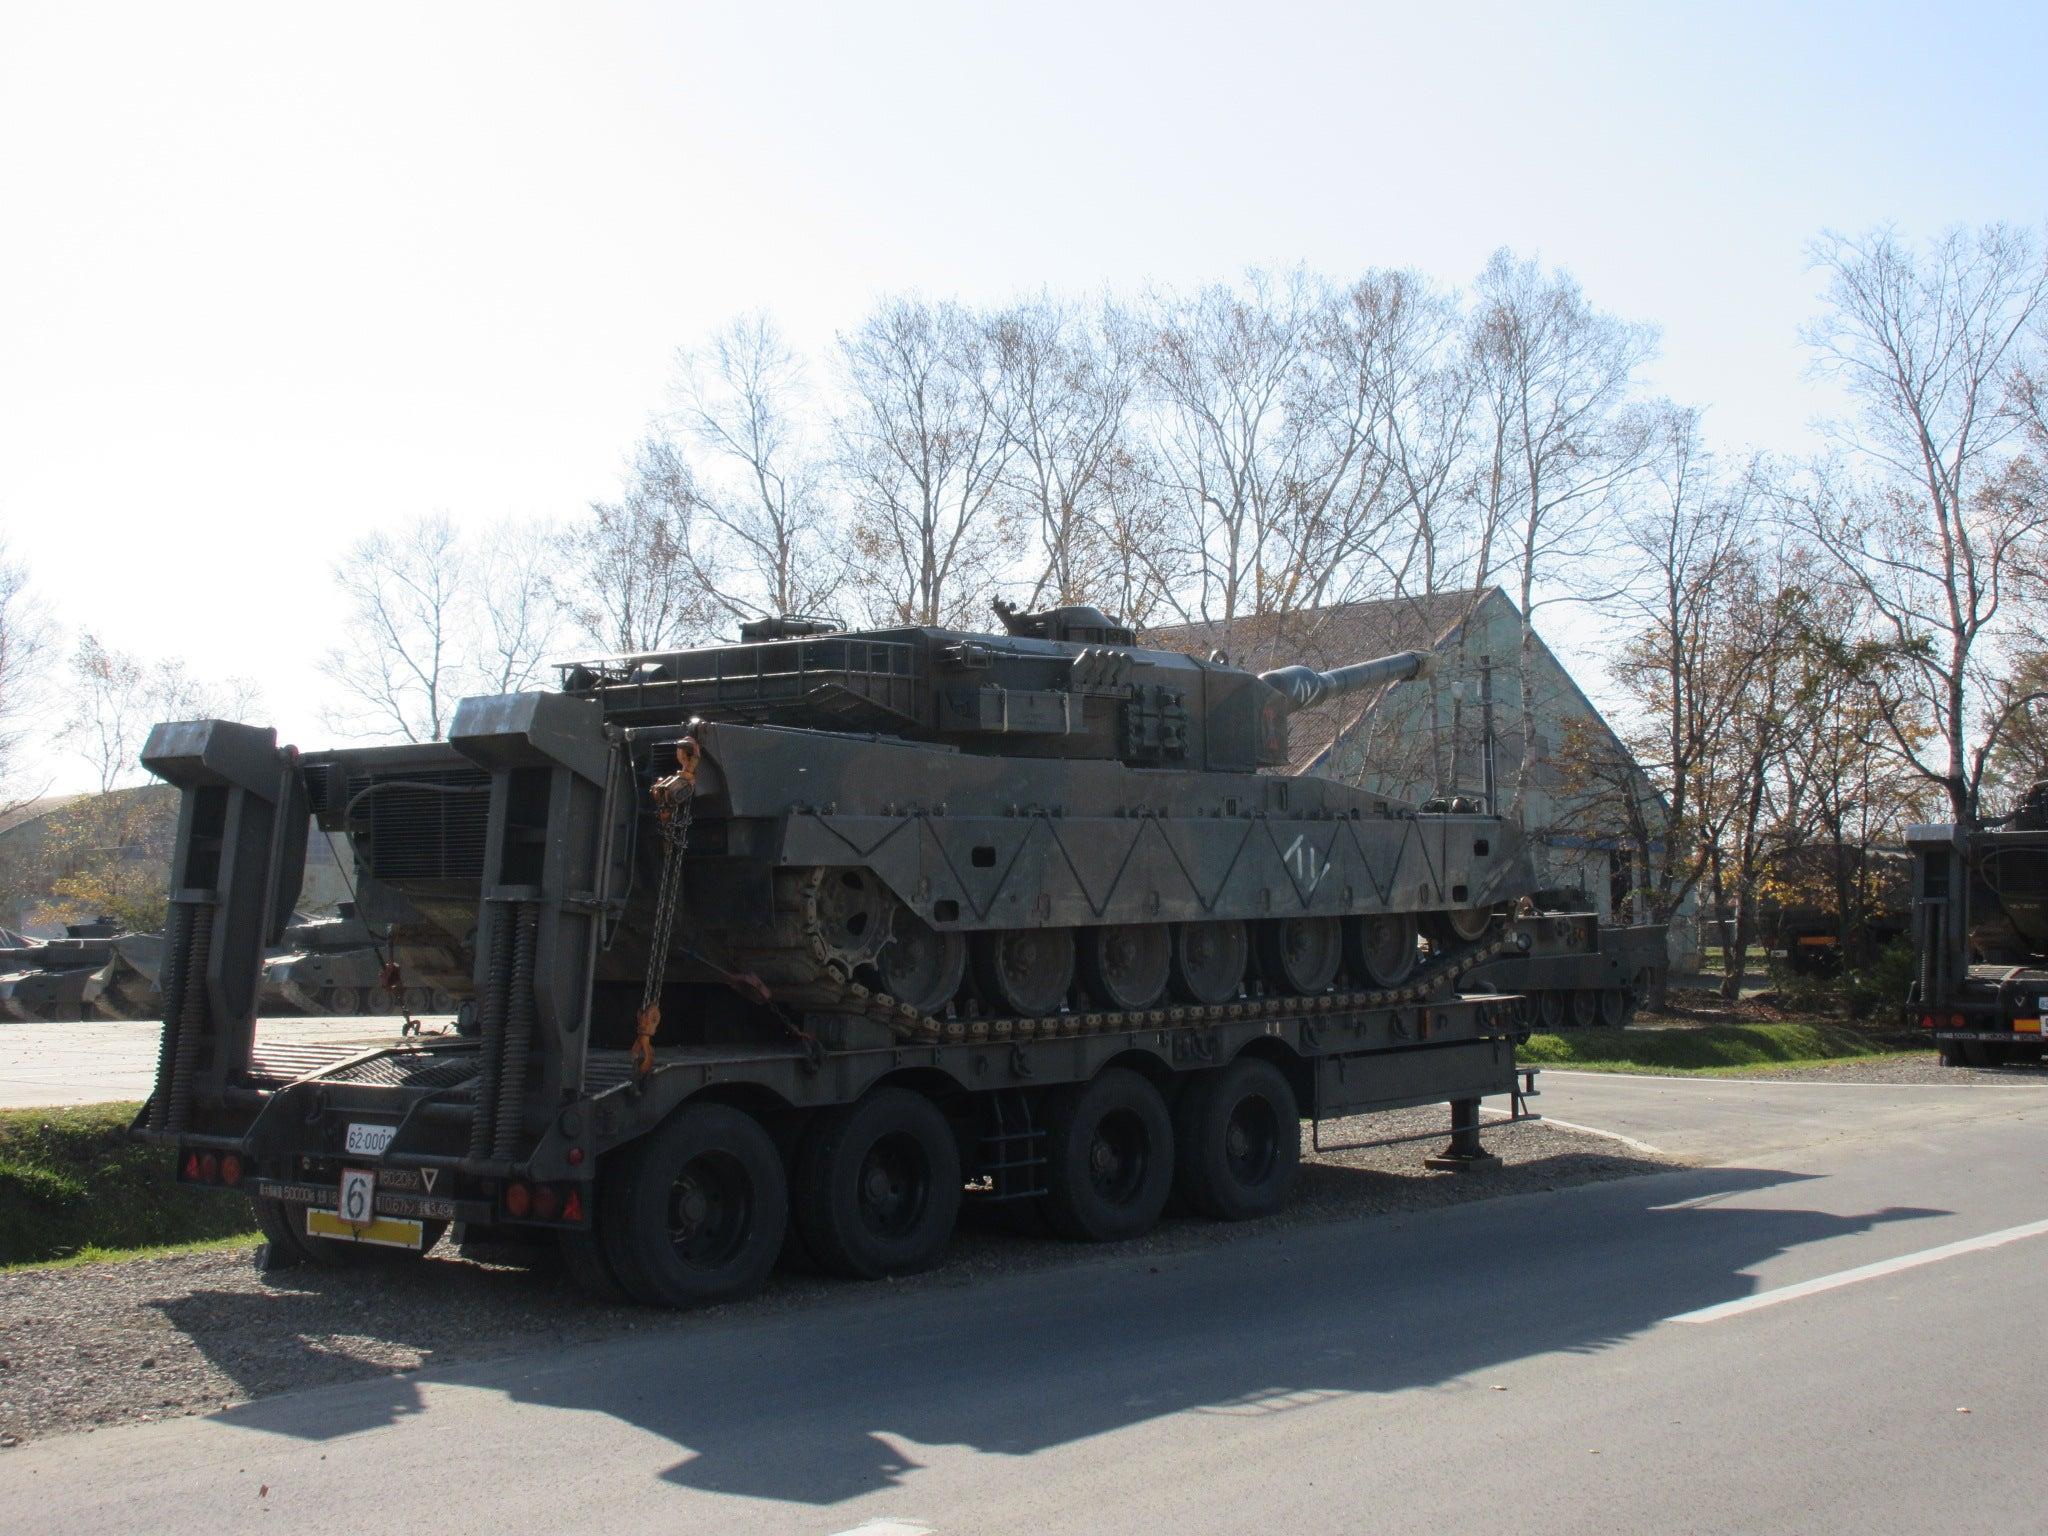 戦車兵のブログ陸上自衛隊 輸送科陸上自衛隊の職種紹介は、輸送科。